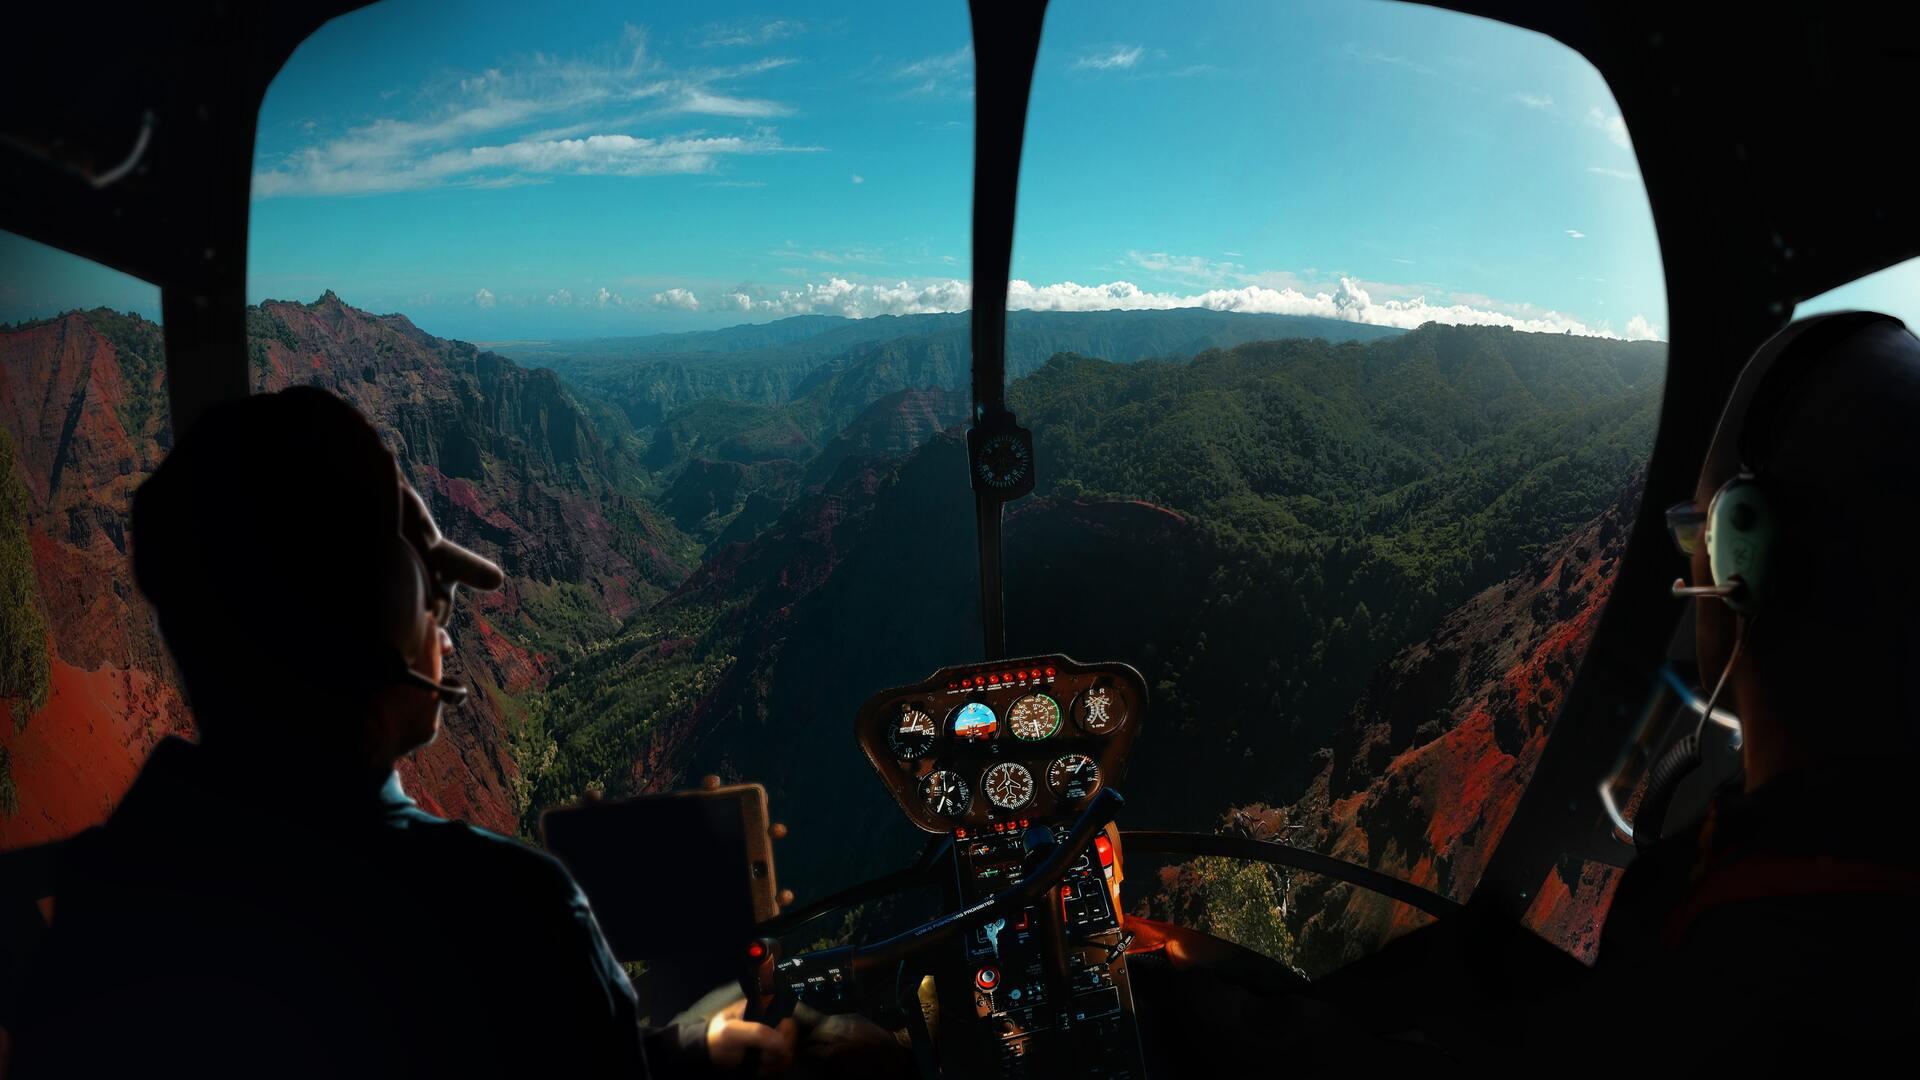 pilot-inside-aircraft-cockpit-view-bw.jpg